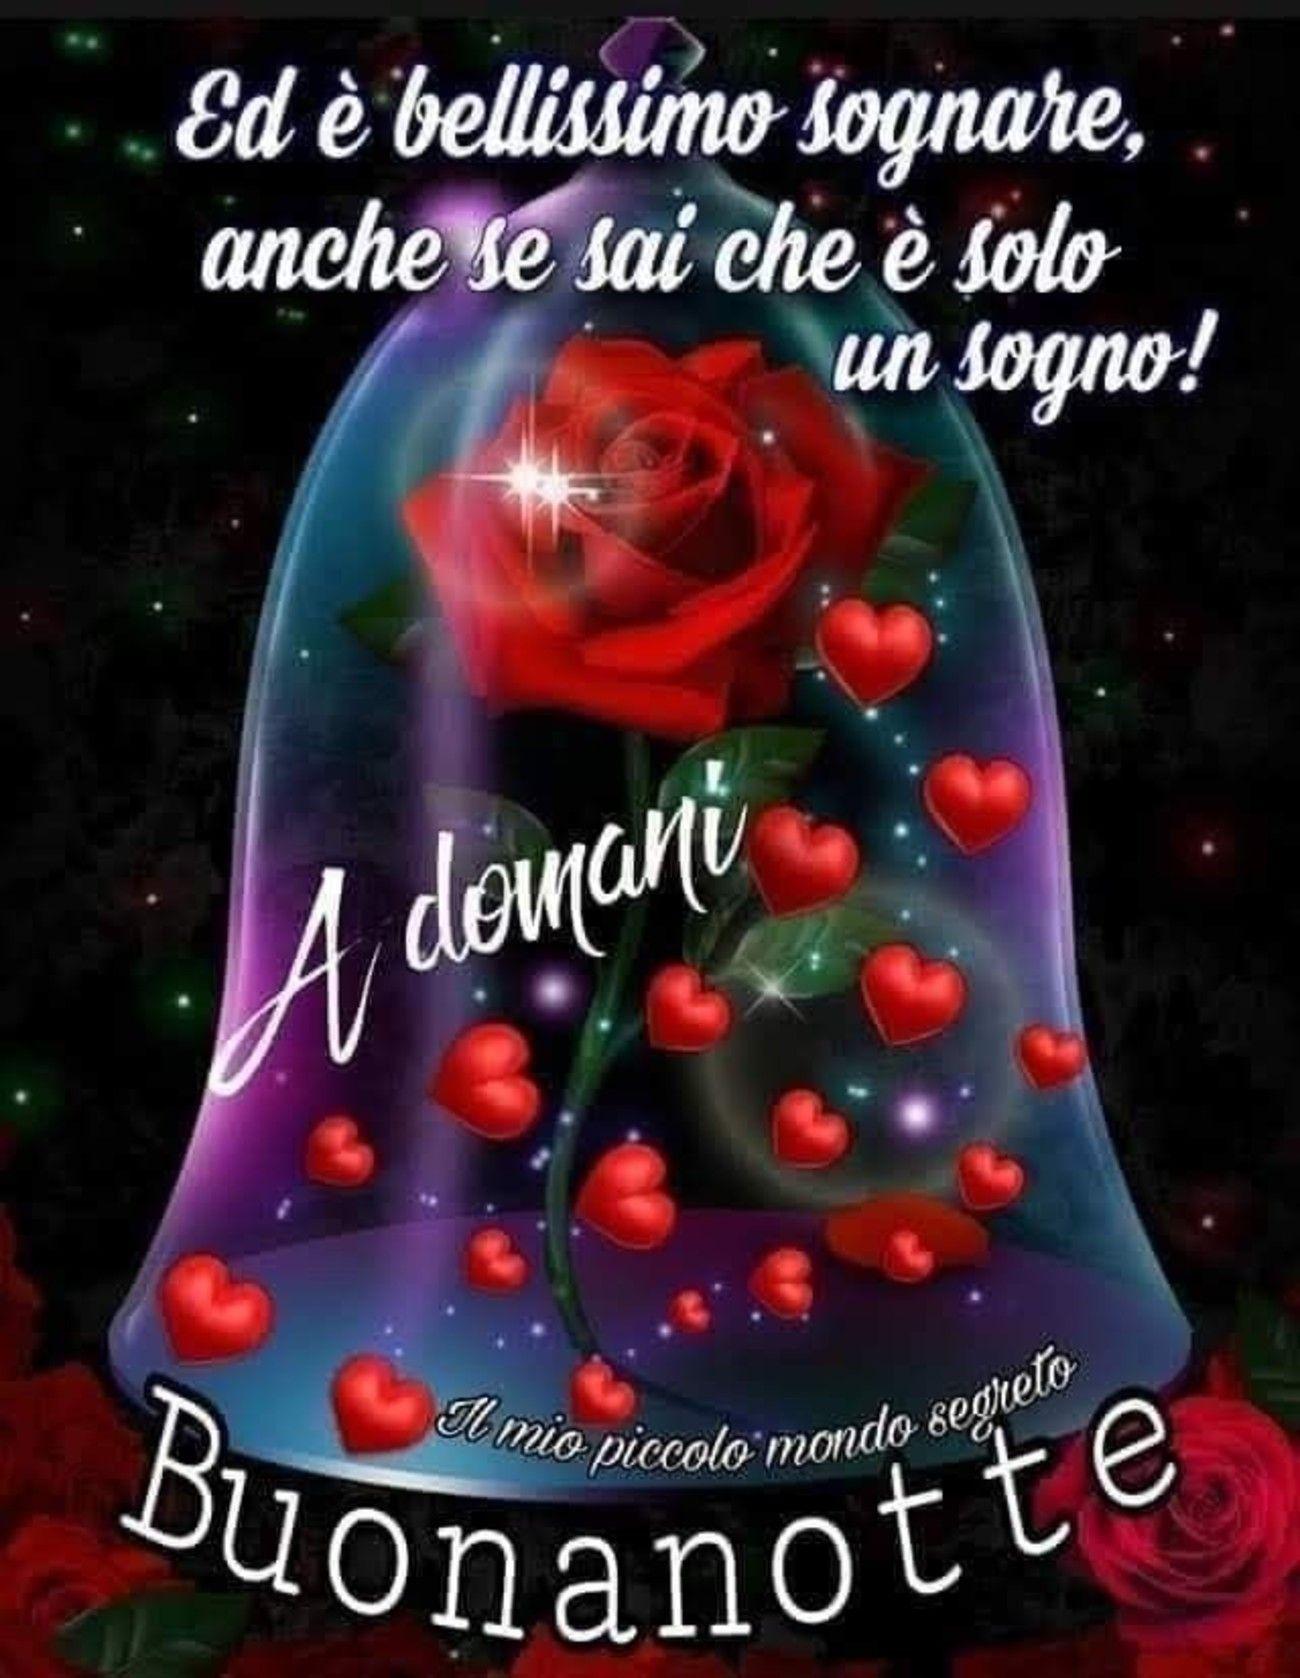 Frasi Auguri Di Natale In Spagnolo.Buonanotte 27 Buongiornoate It Buonanotte Auguri Di Buona Notte Buona Notte